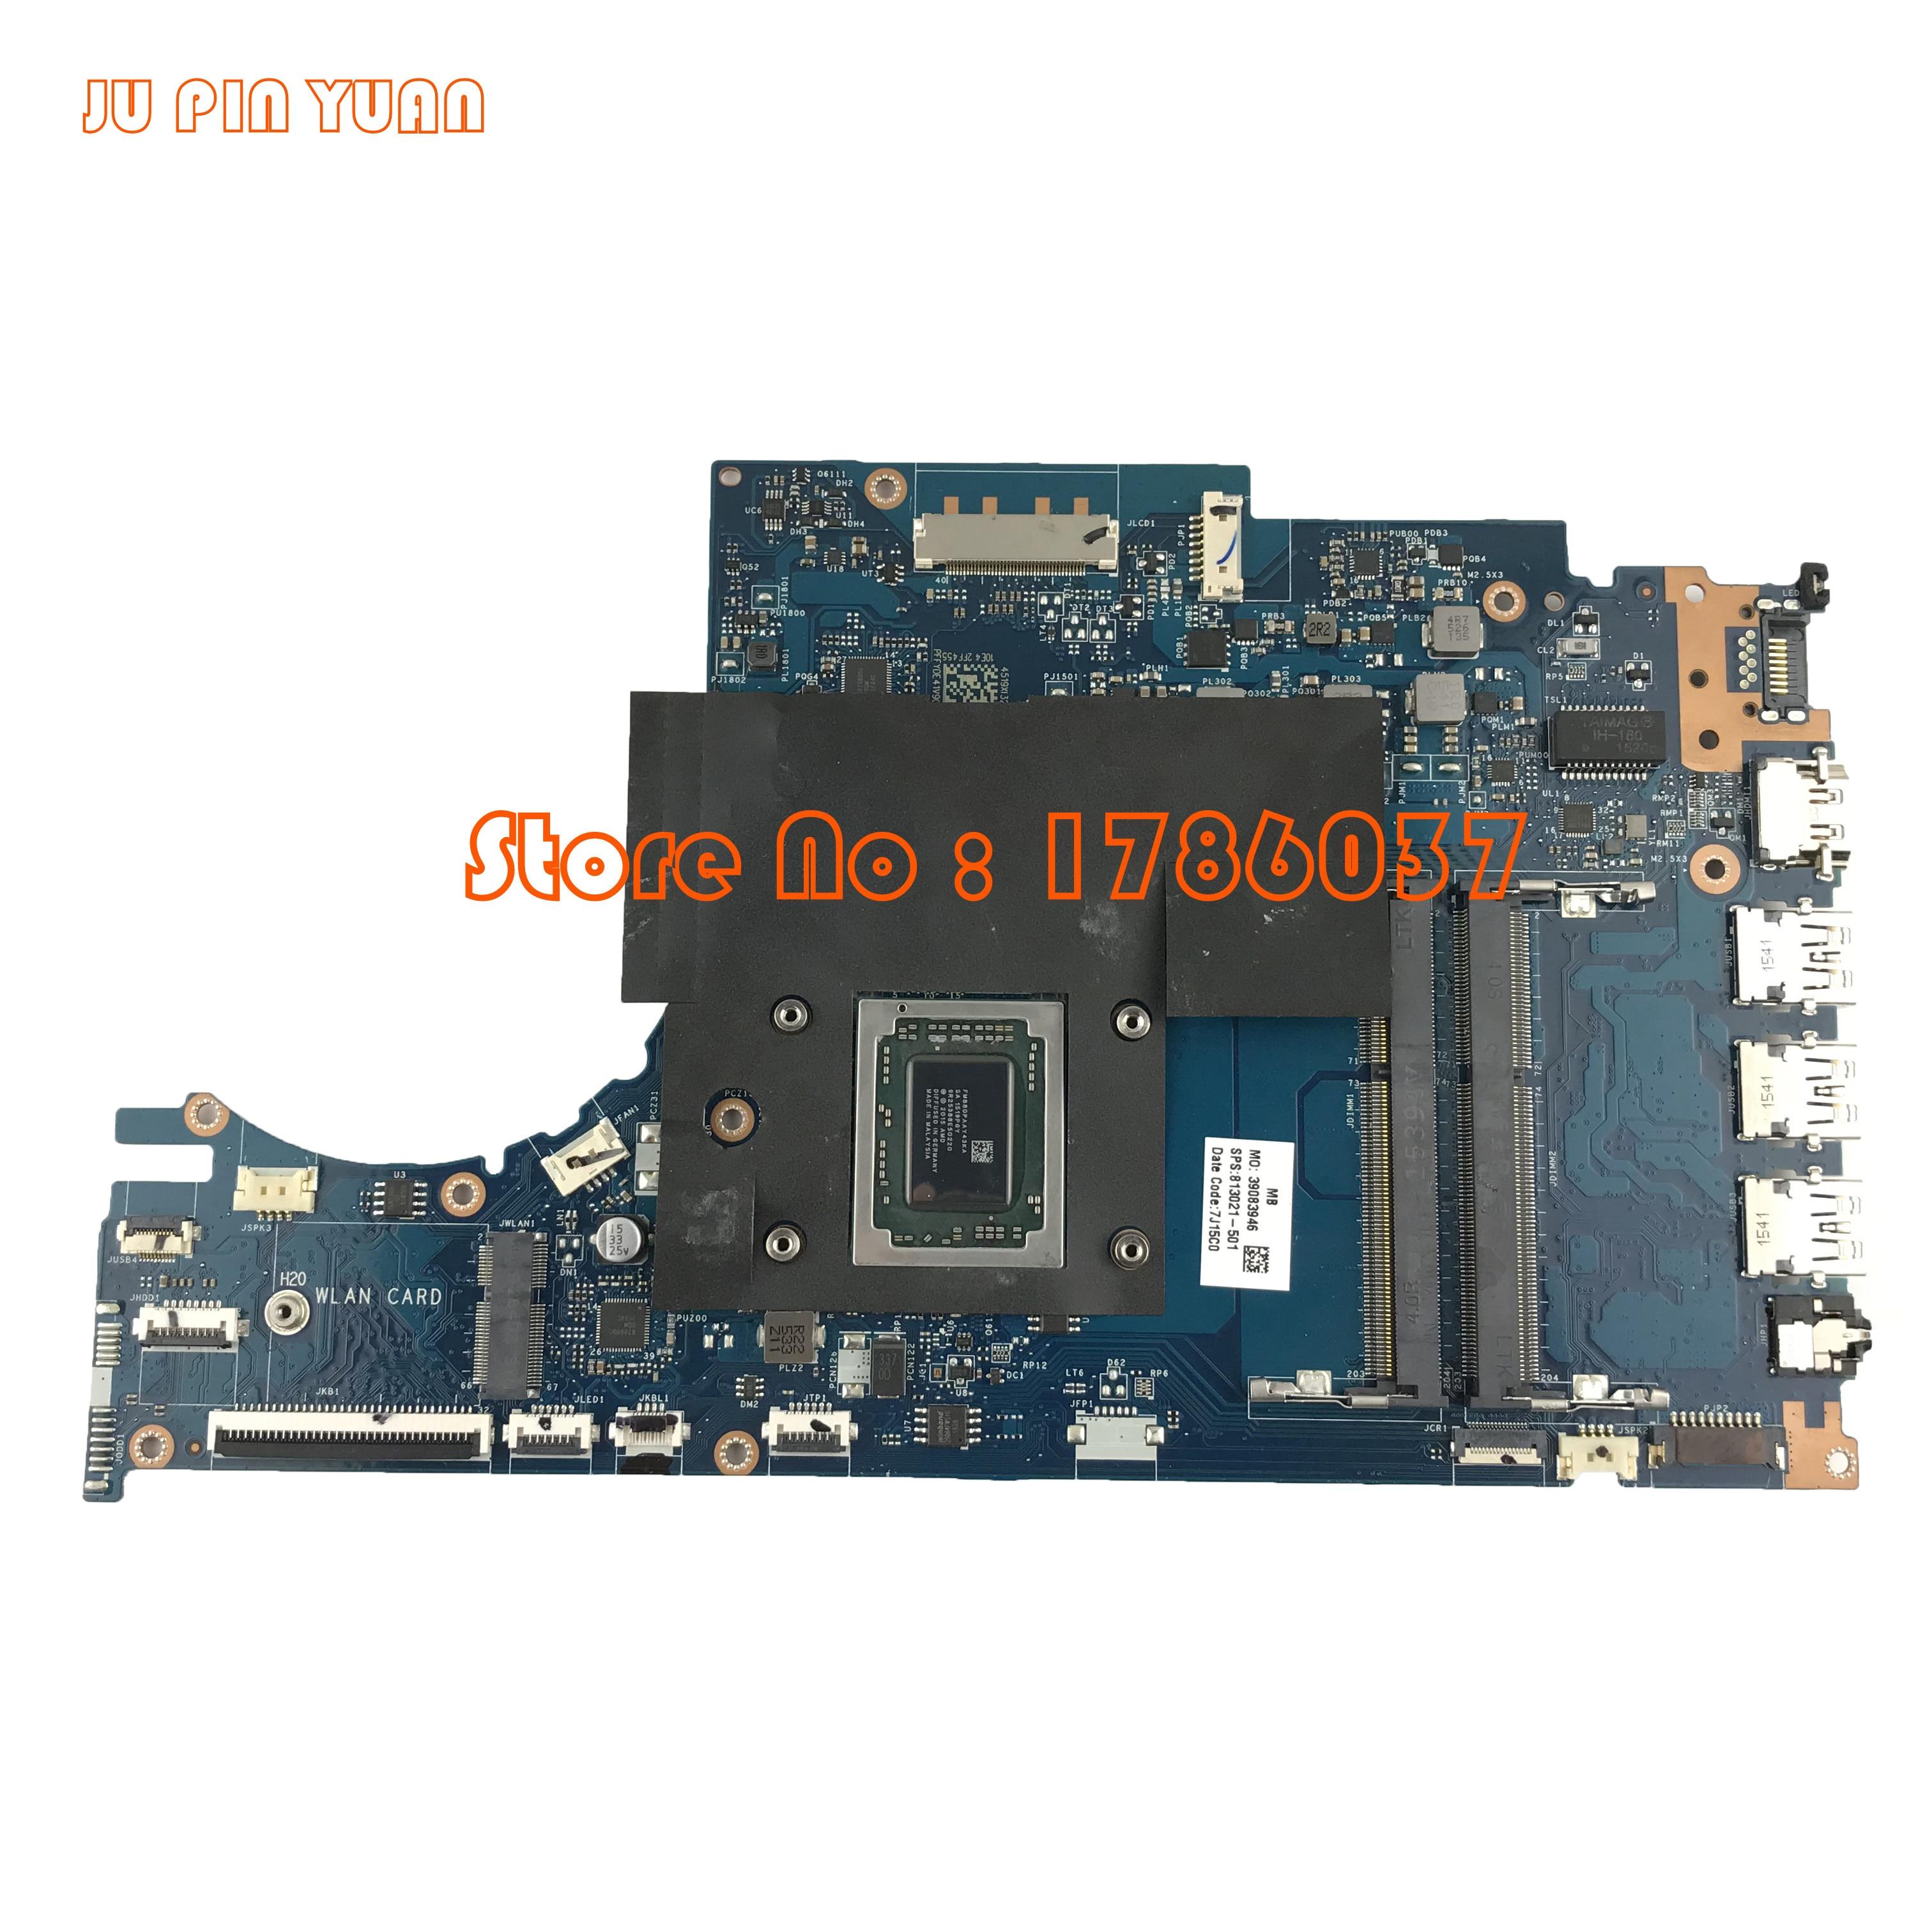 JU PIN YUAN 813021-601 813021-501 ACW51 LA-C502P HP ENVY 15Z-AH M6-P սերիայի մայր տախտակի համար FX-8800P բոլորը ամբողջությամբ փորձարկված են